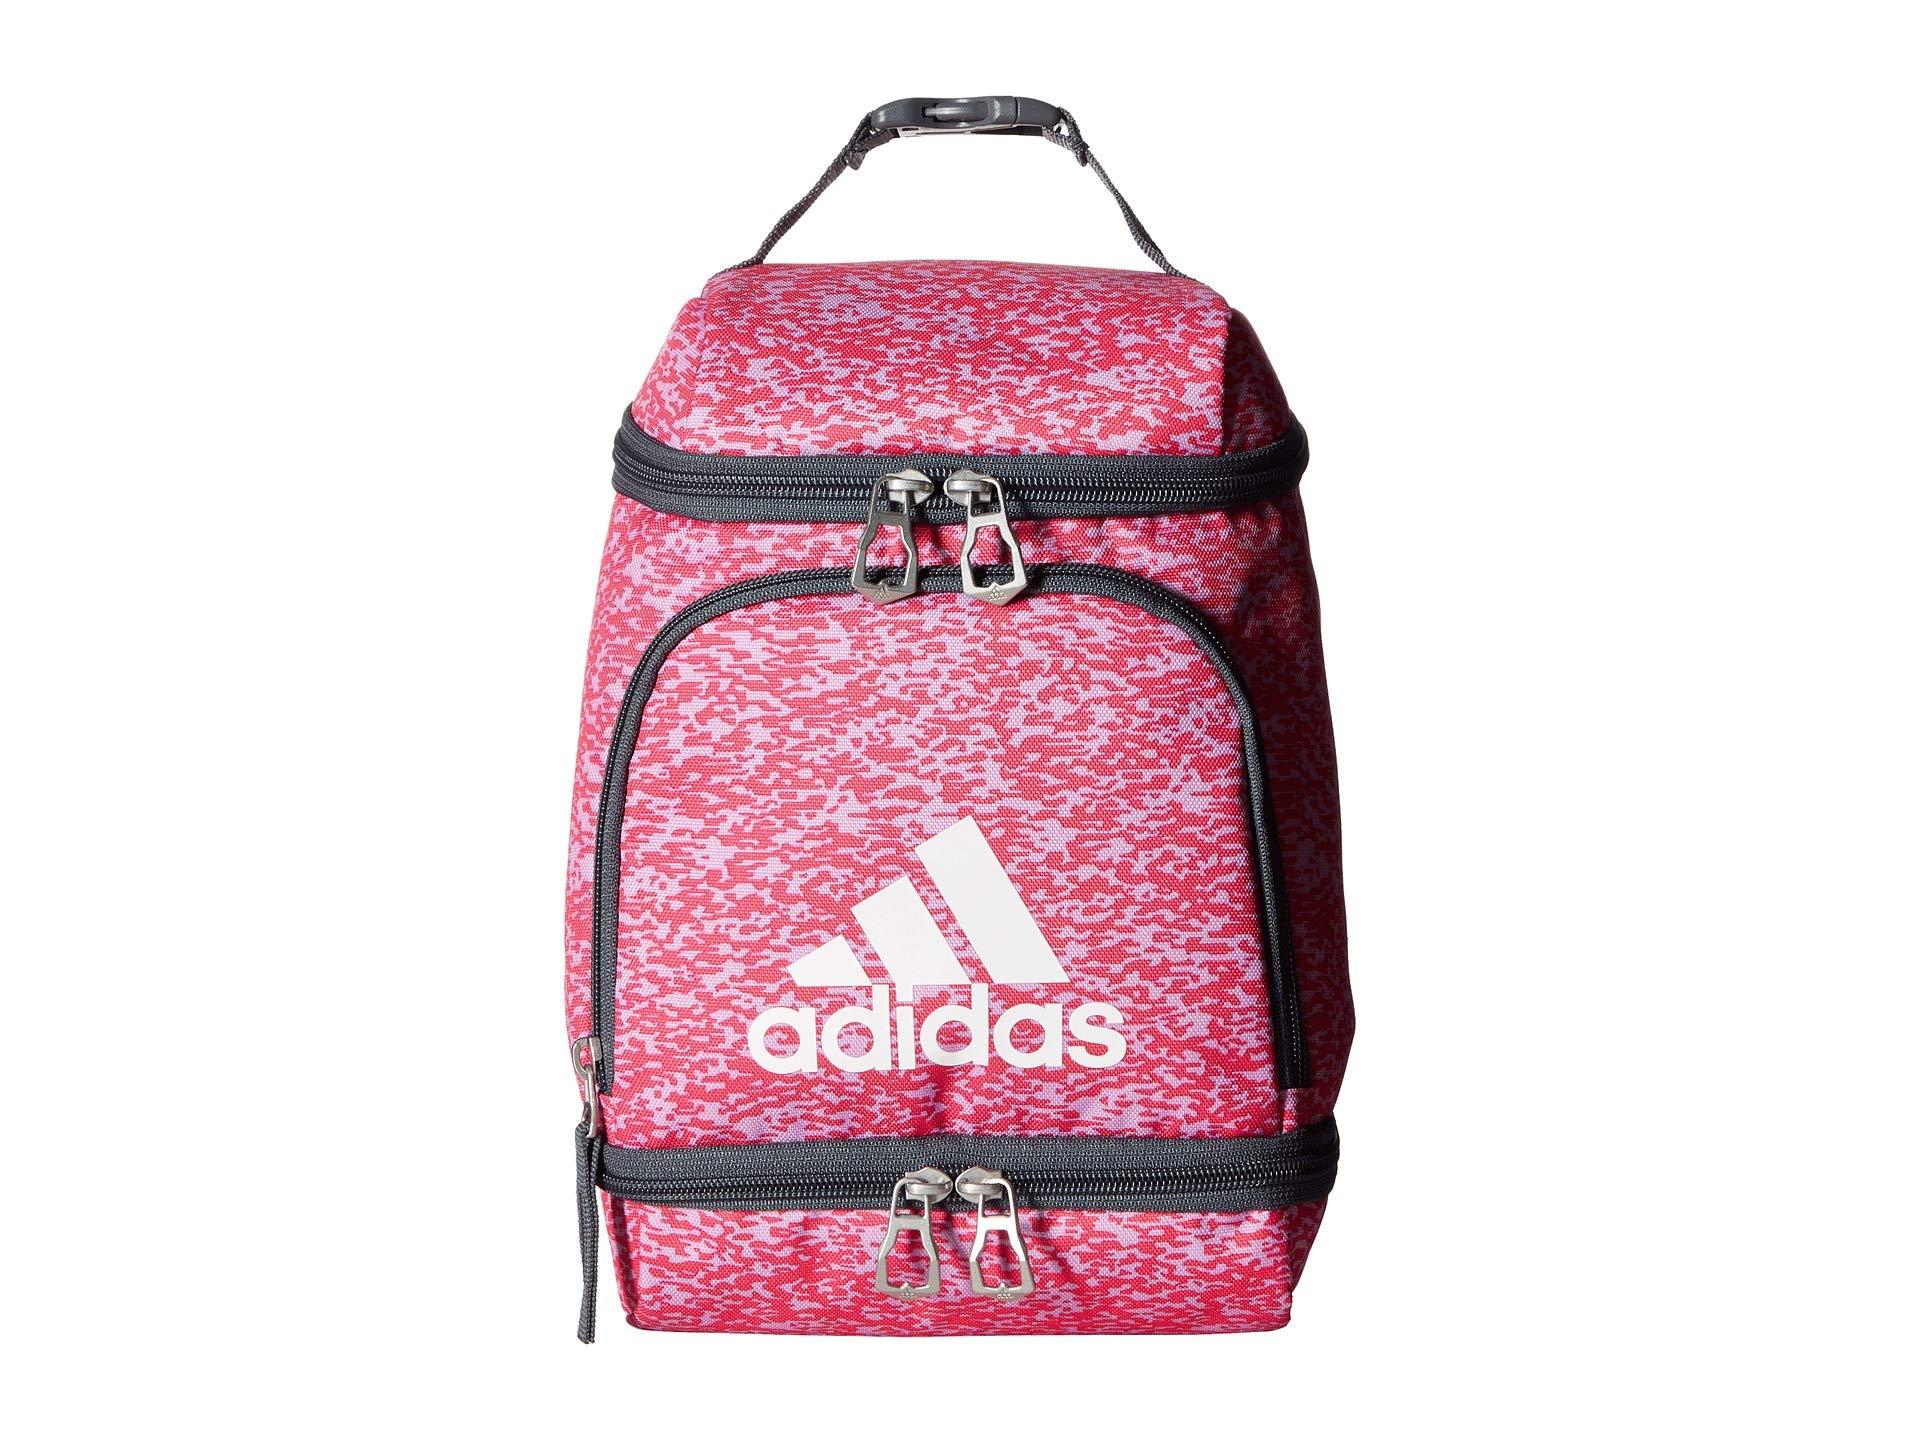 Bolso Accesorio de Viaje para Hombre adidas Excel Lunch Bag  + adidas en VeoyCompro.net